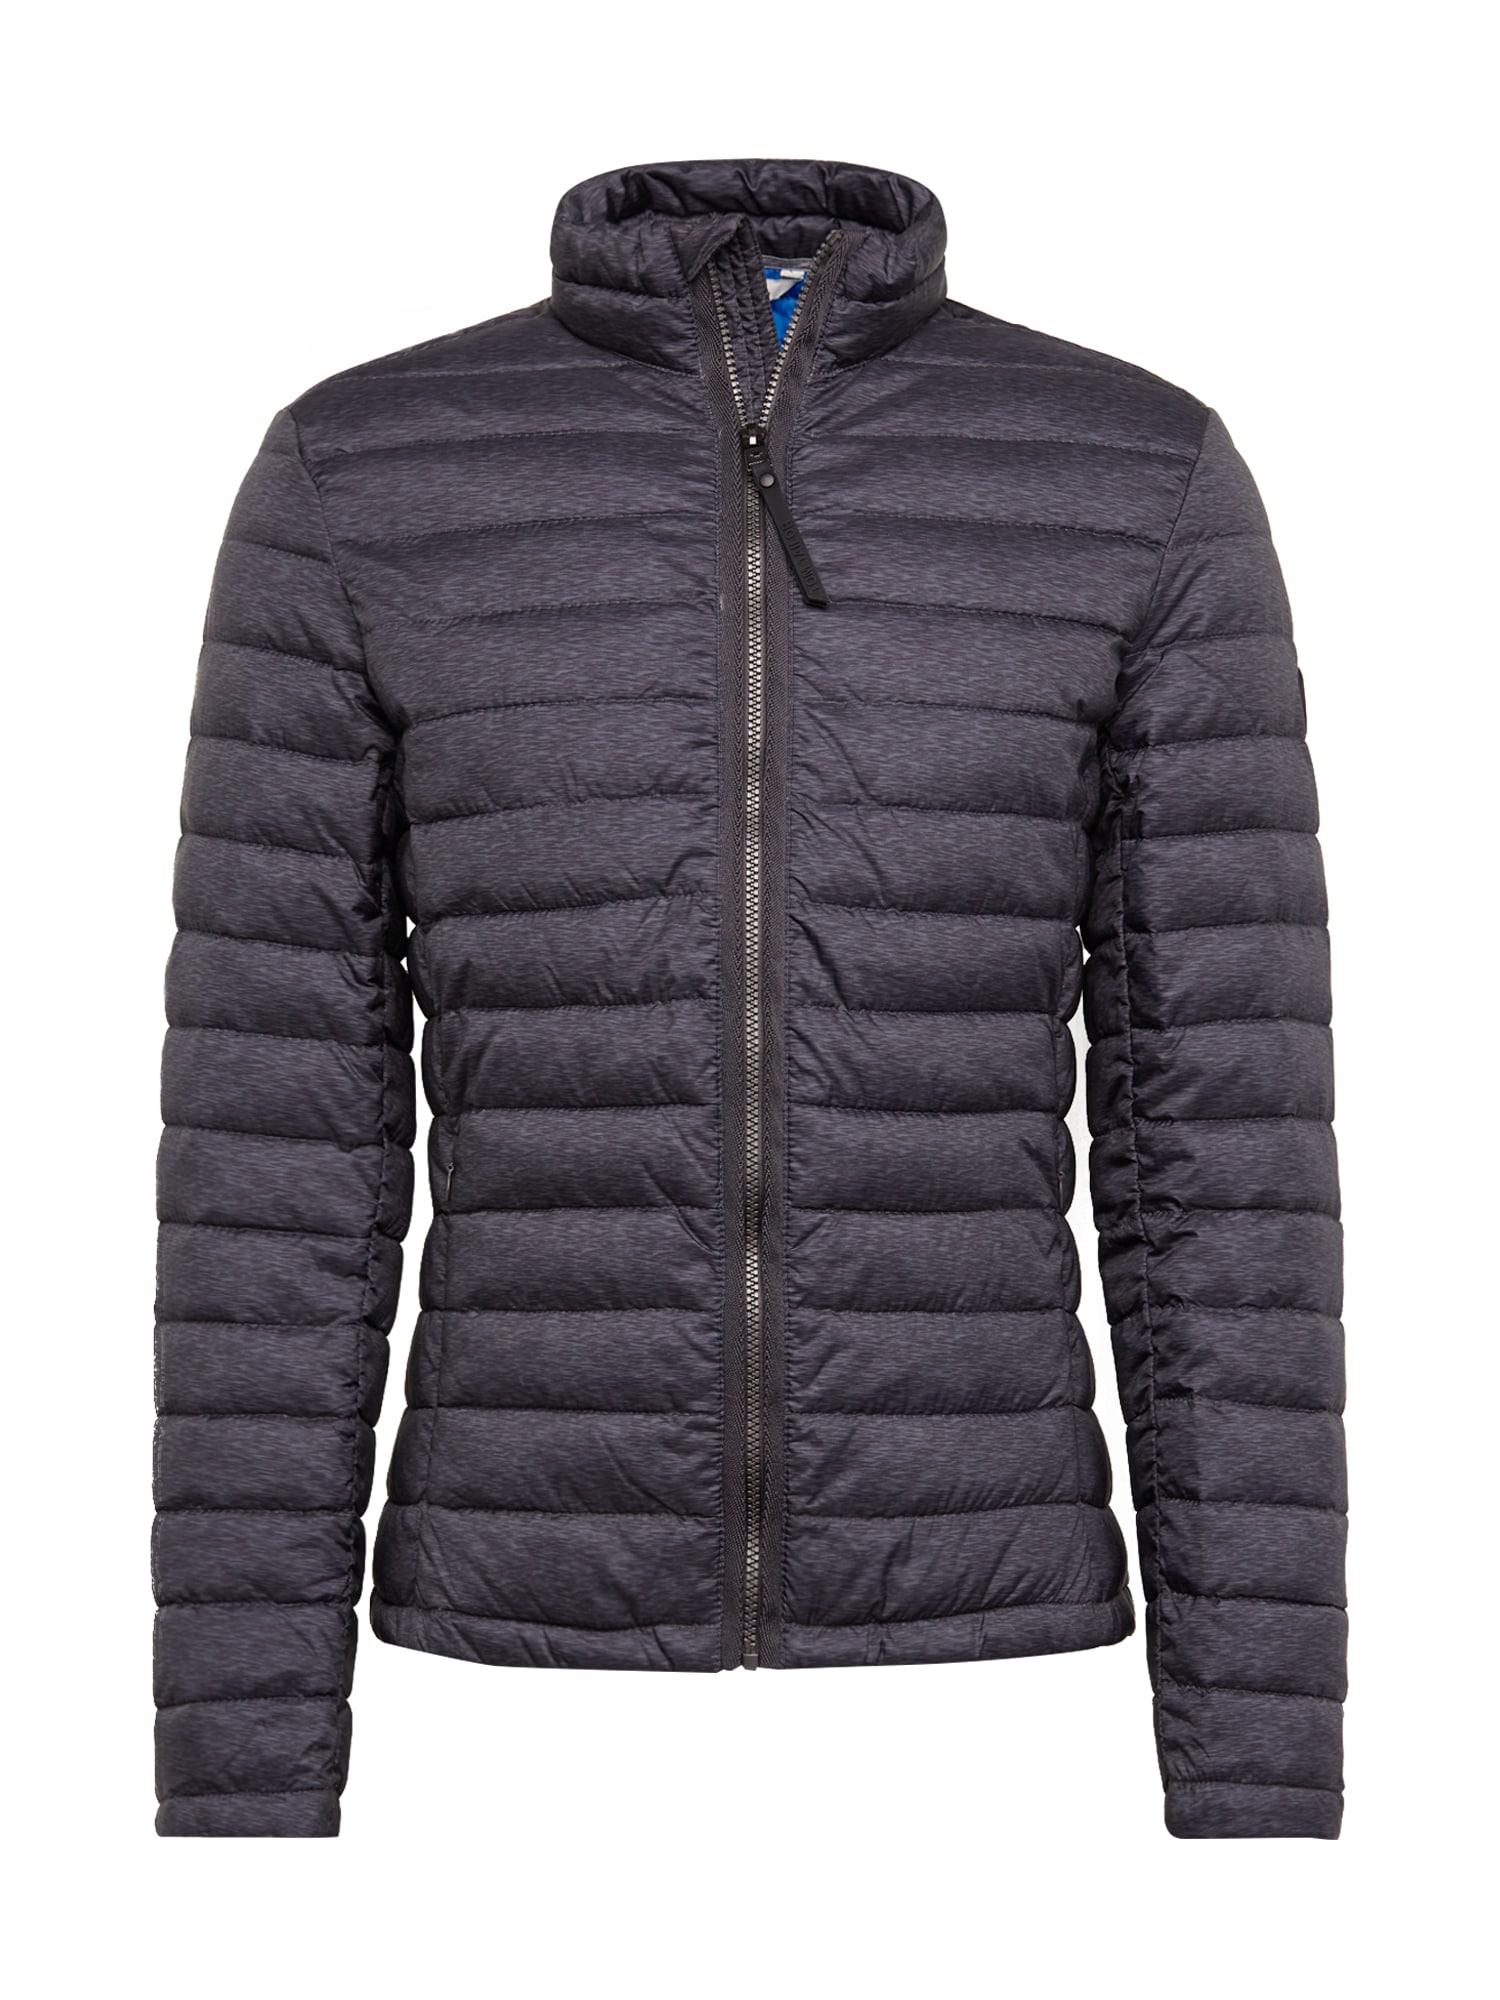 TOM TAILOR Téli dzseki 'light weight jacket'  szürke melír